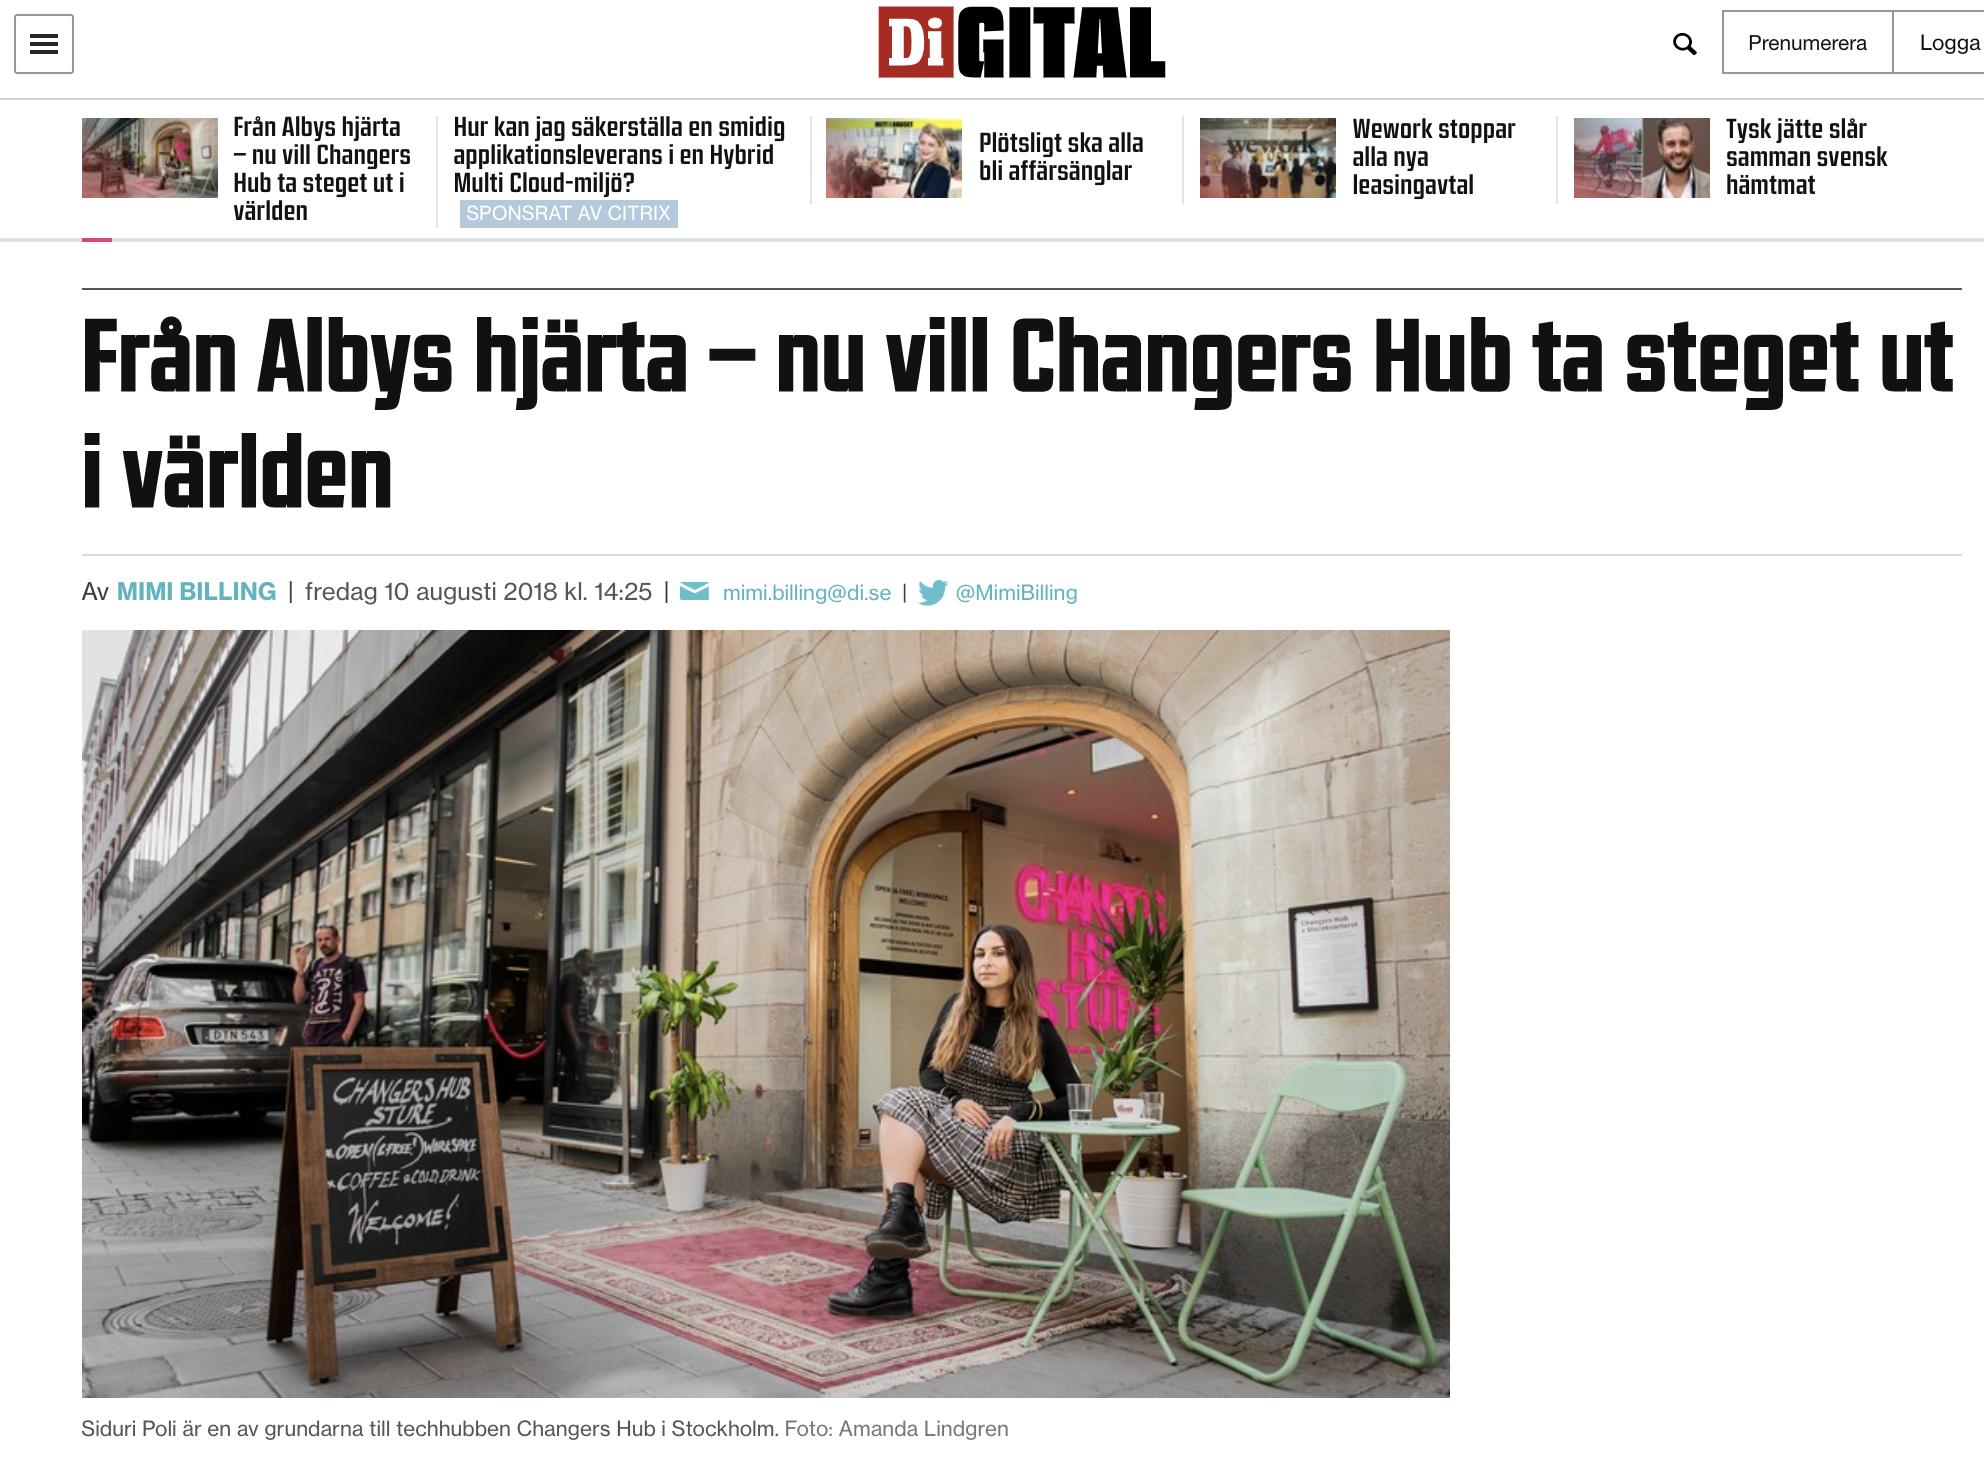 Di Digital: Från Albys hjärta - ut i världen